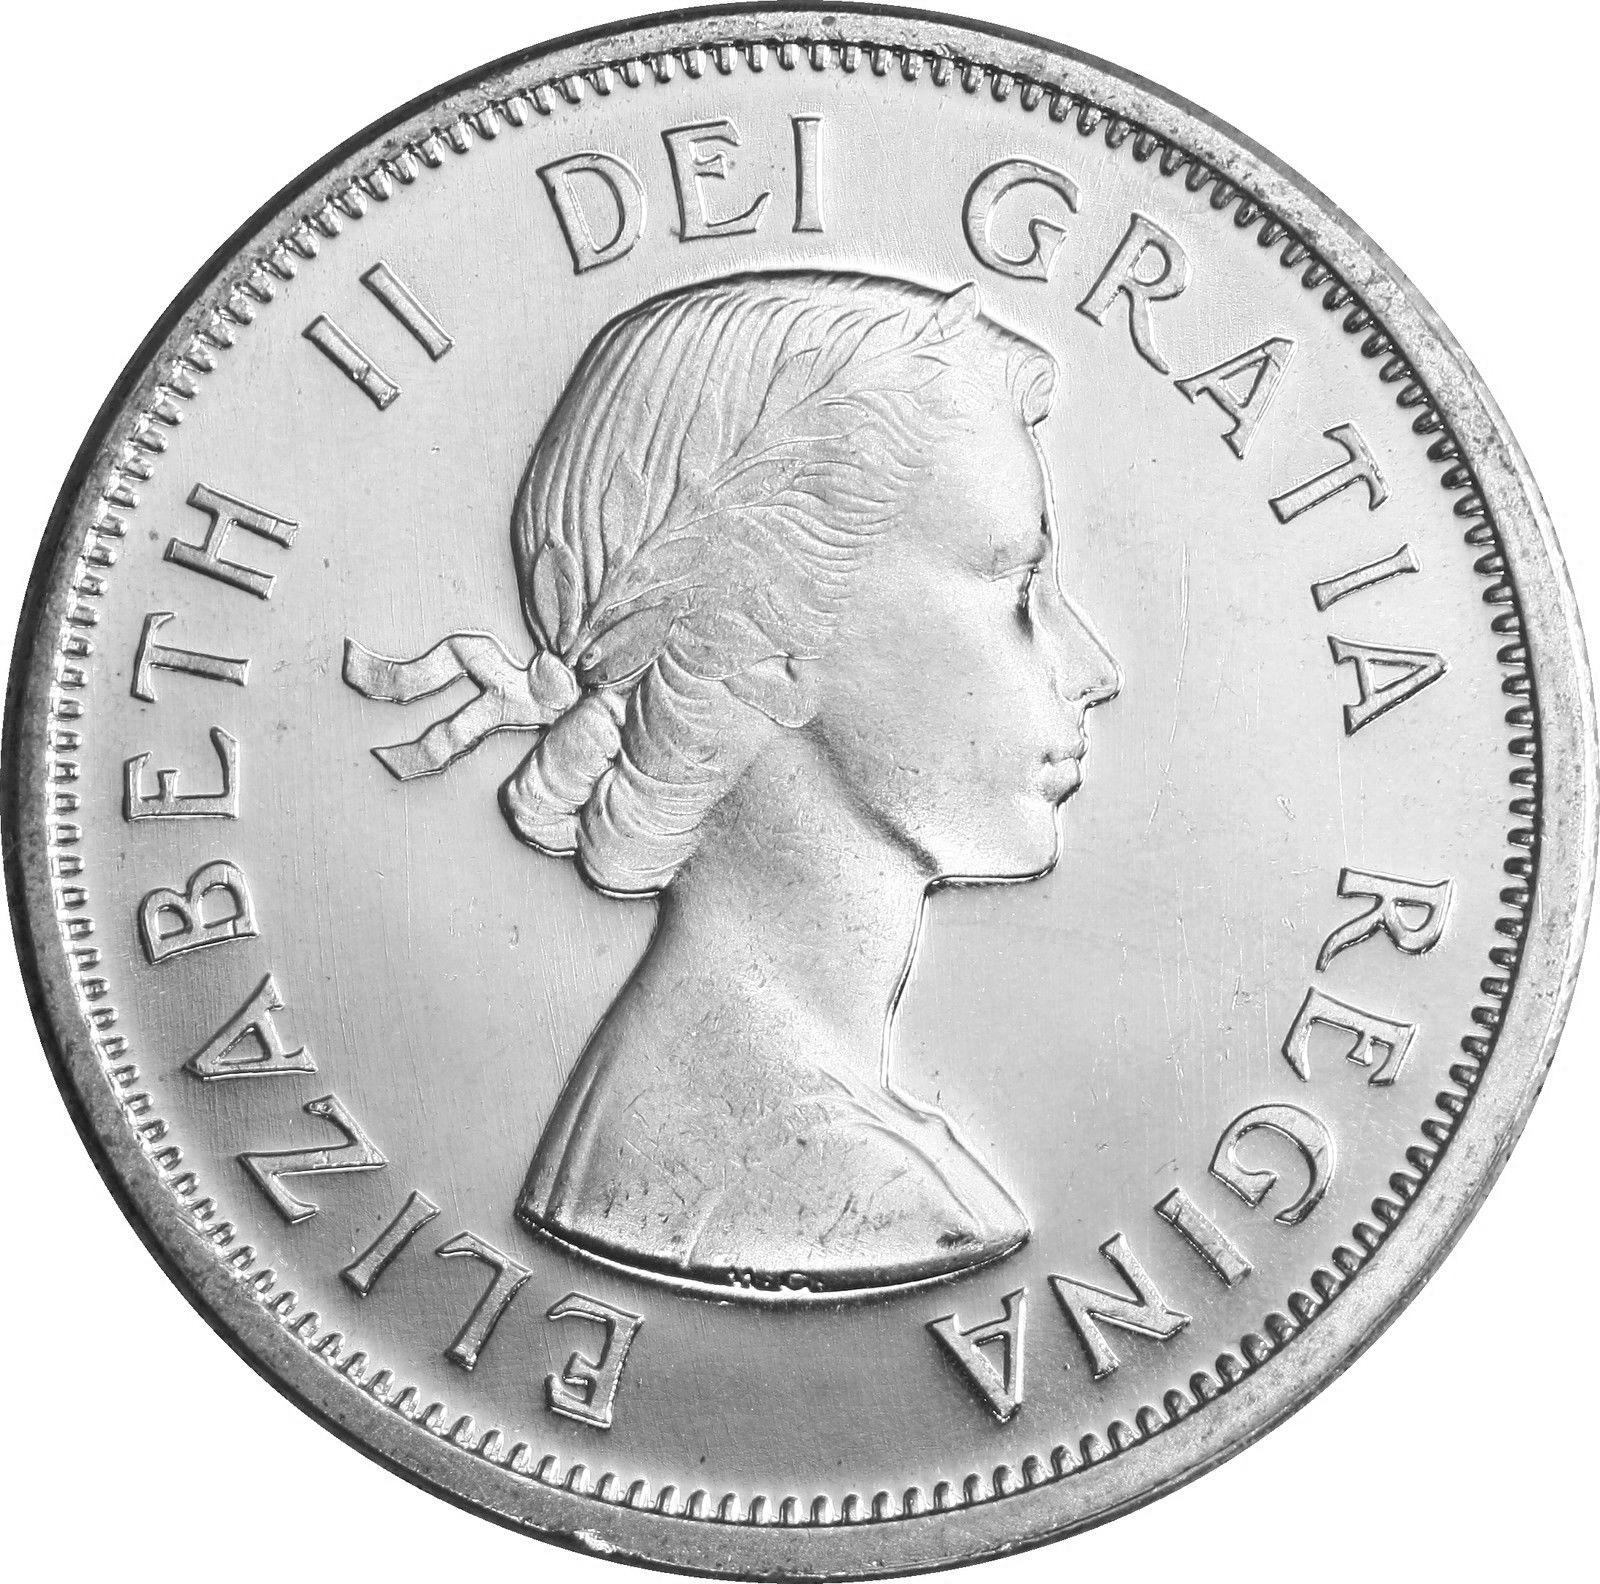 Canadian 25 Cent Obverse Design Evolution